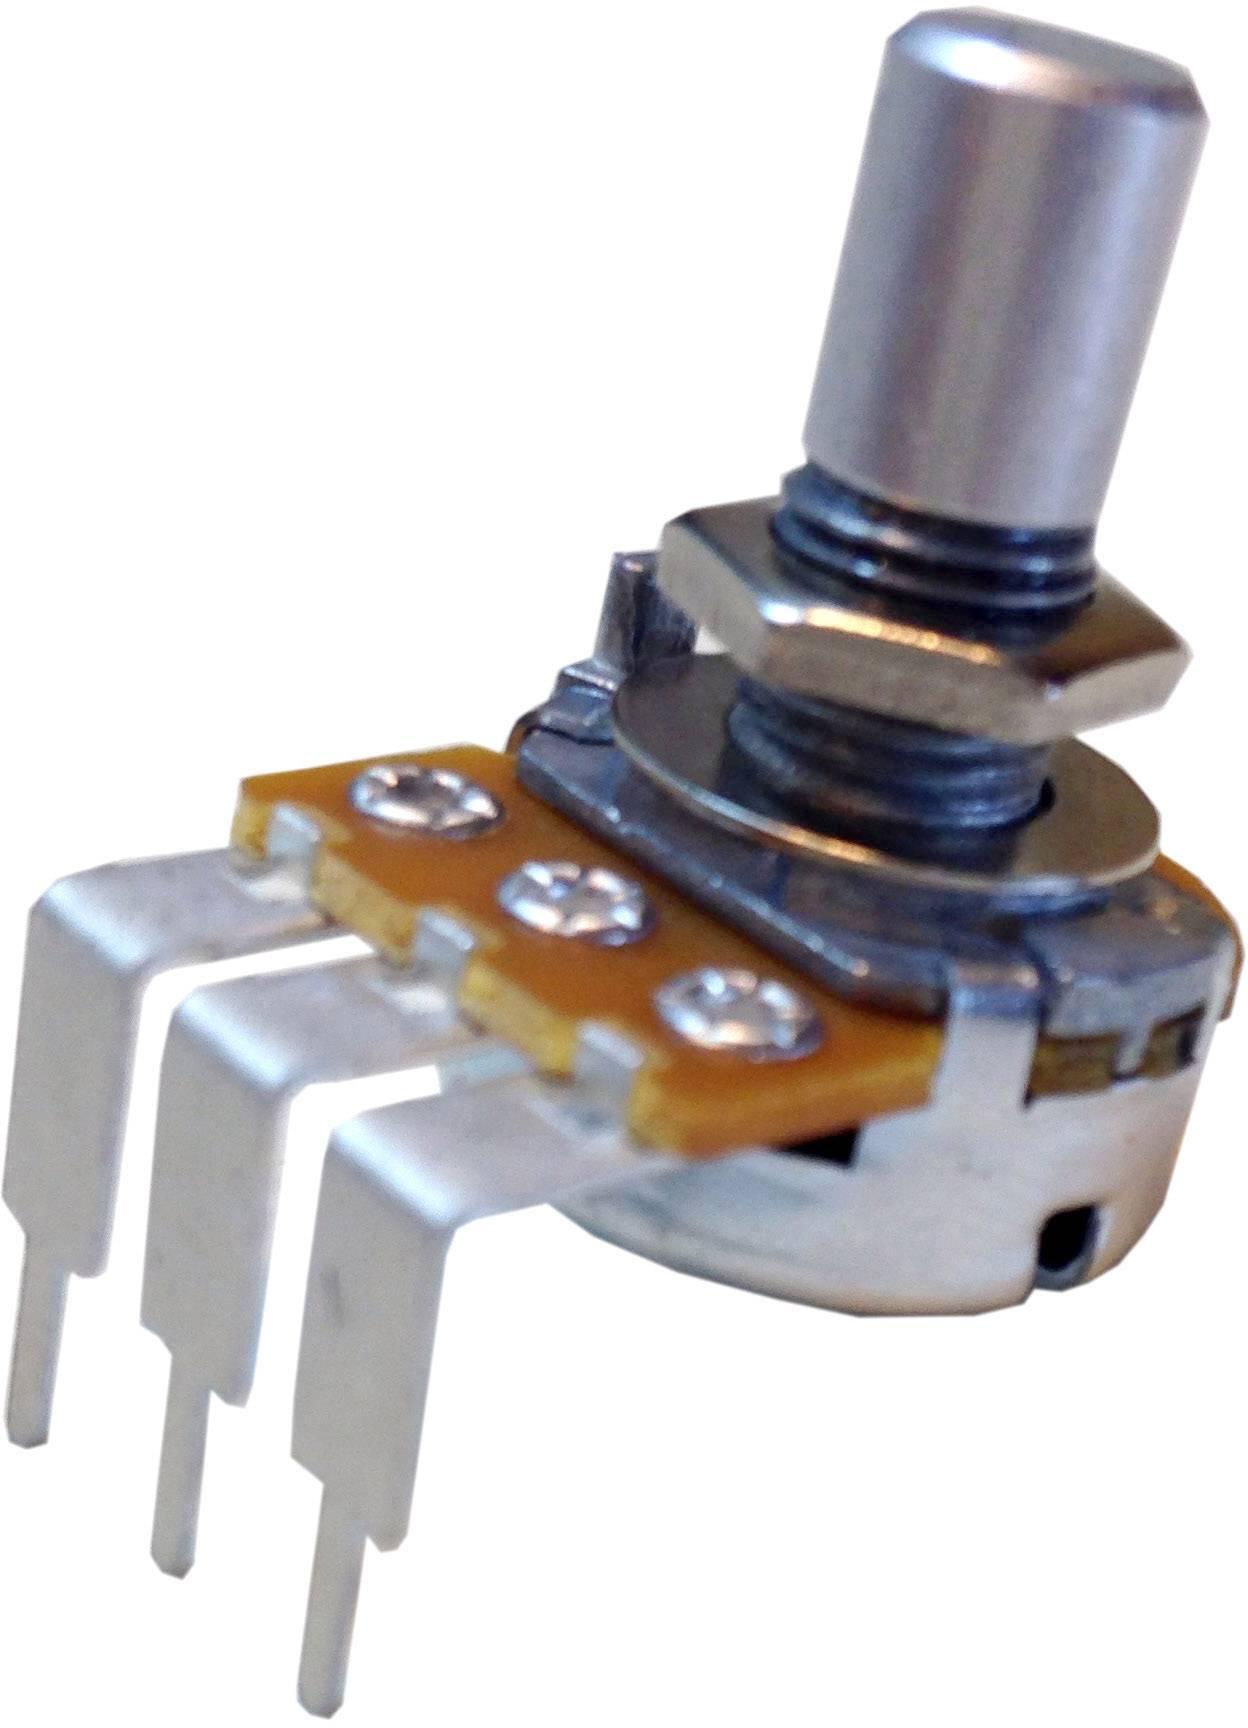 Otočný potenciometr Potentiometer Service RV16AF-41-15R1-B25k Mono, 0.2 W, 25 kOhm, 1 ks